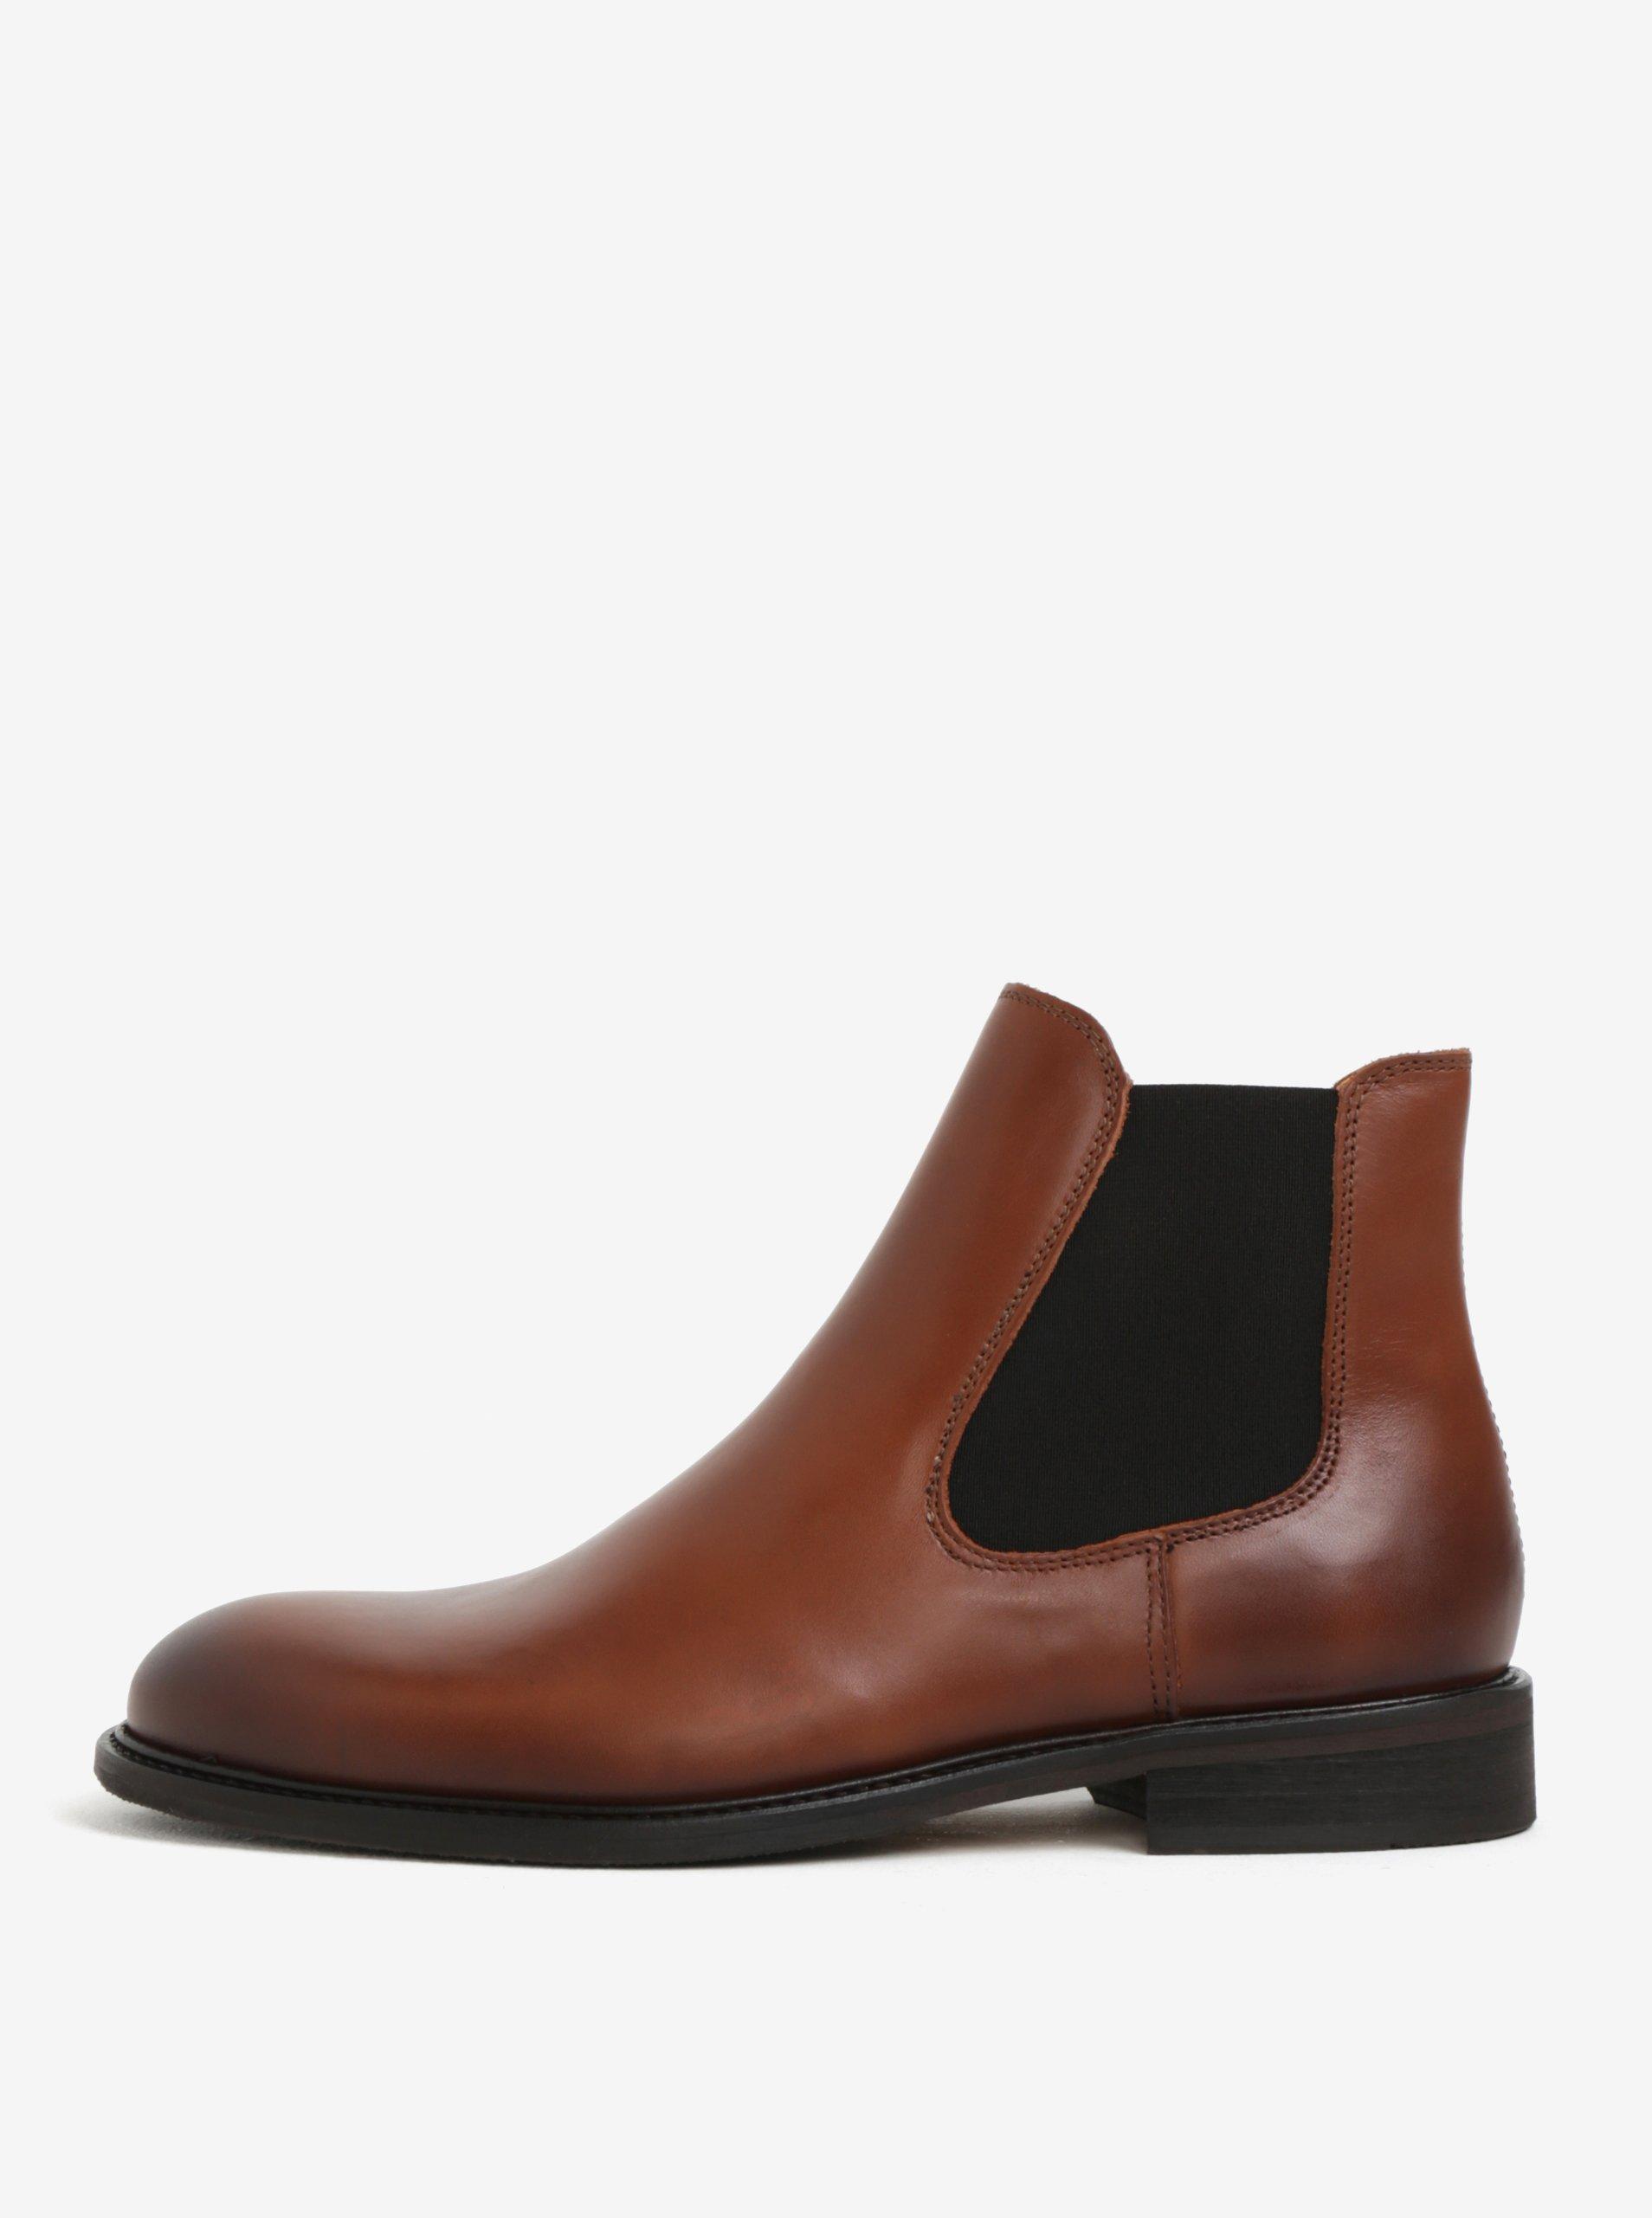 Hnědé pánské kožené chelsea boty Selected Homme Baxter